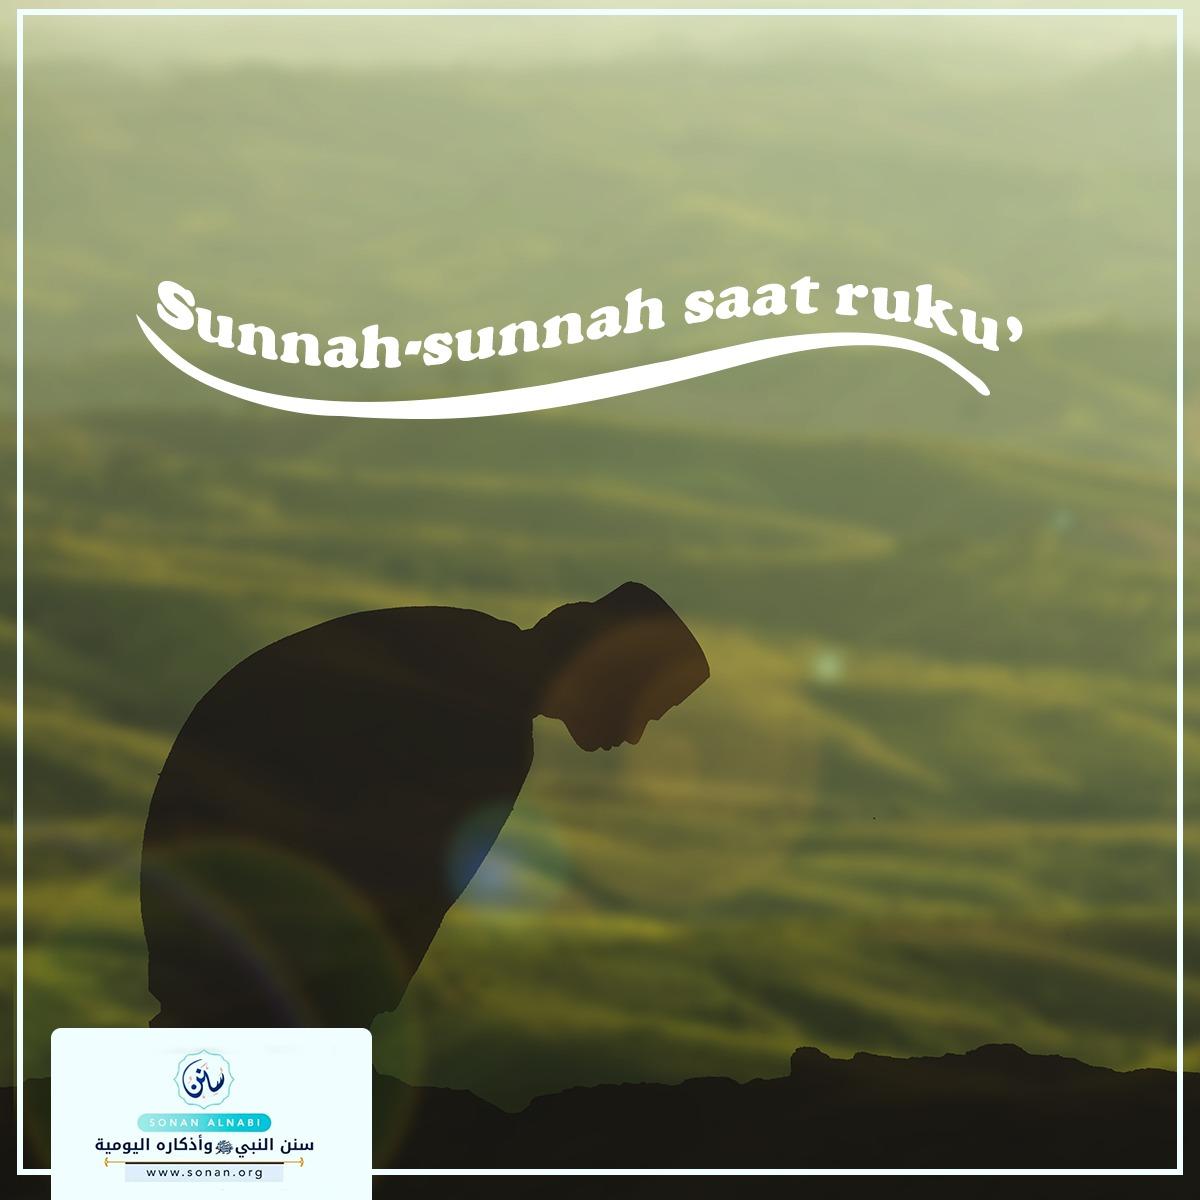 'Sunnah-sunnah saat ruku